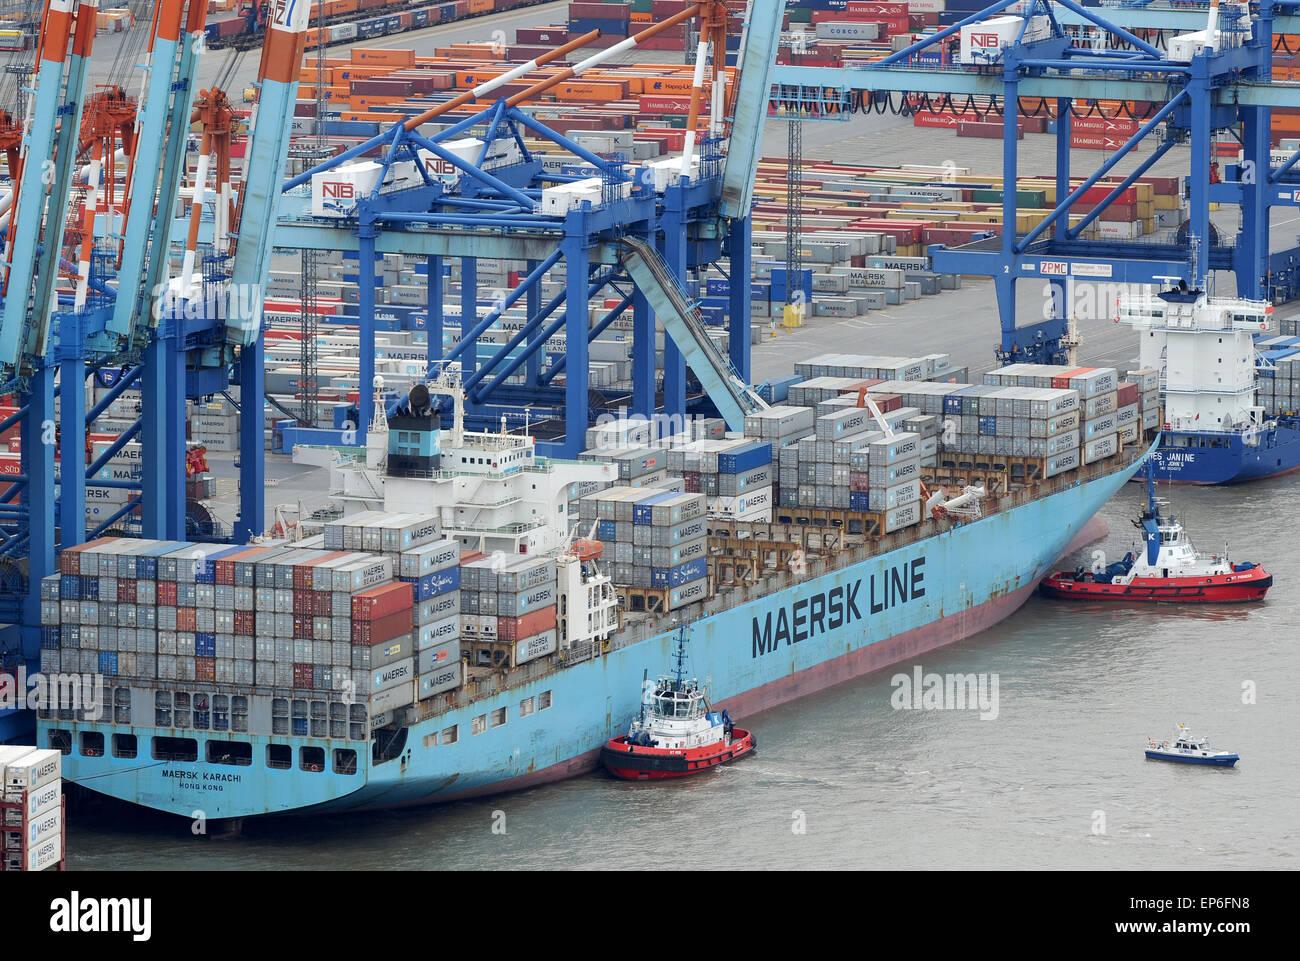 bremerhaven deutschland 14 mai 2015 das containerschiff maersk karach wird von schleppern. Black Bedroom Furniture Sets. Home Design Ideas